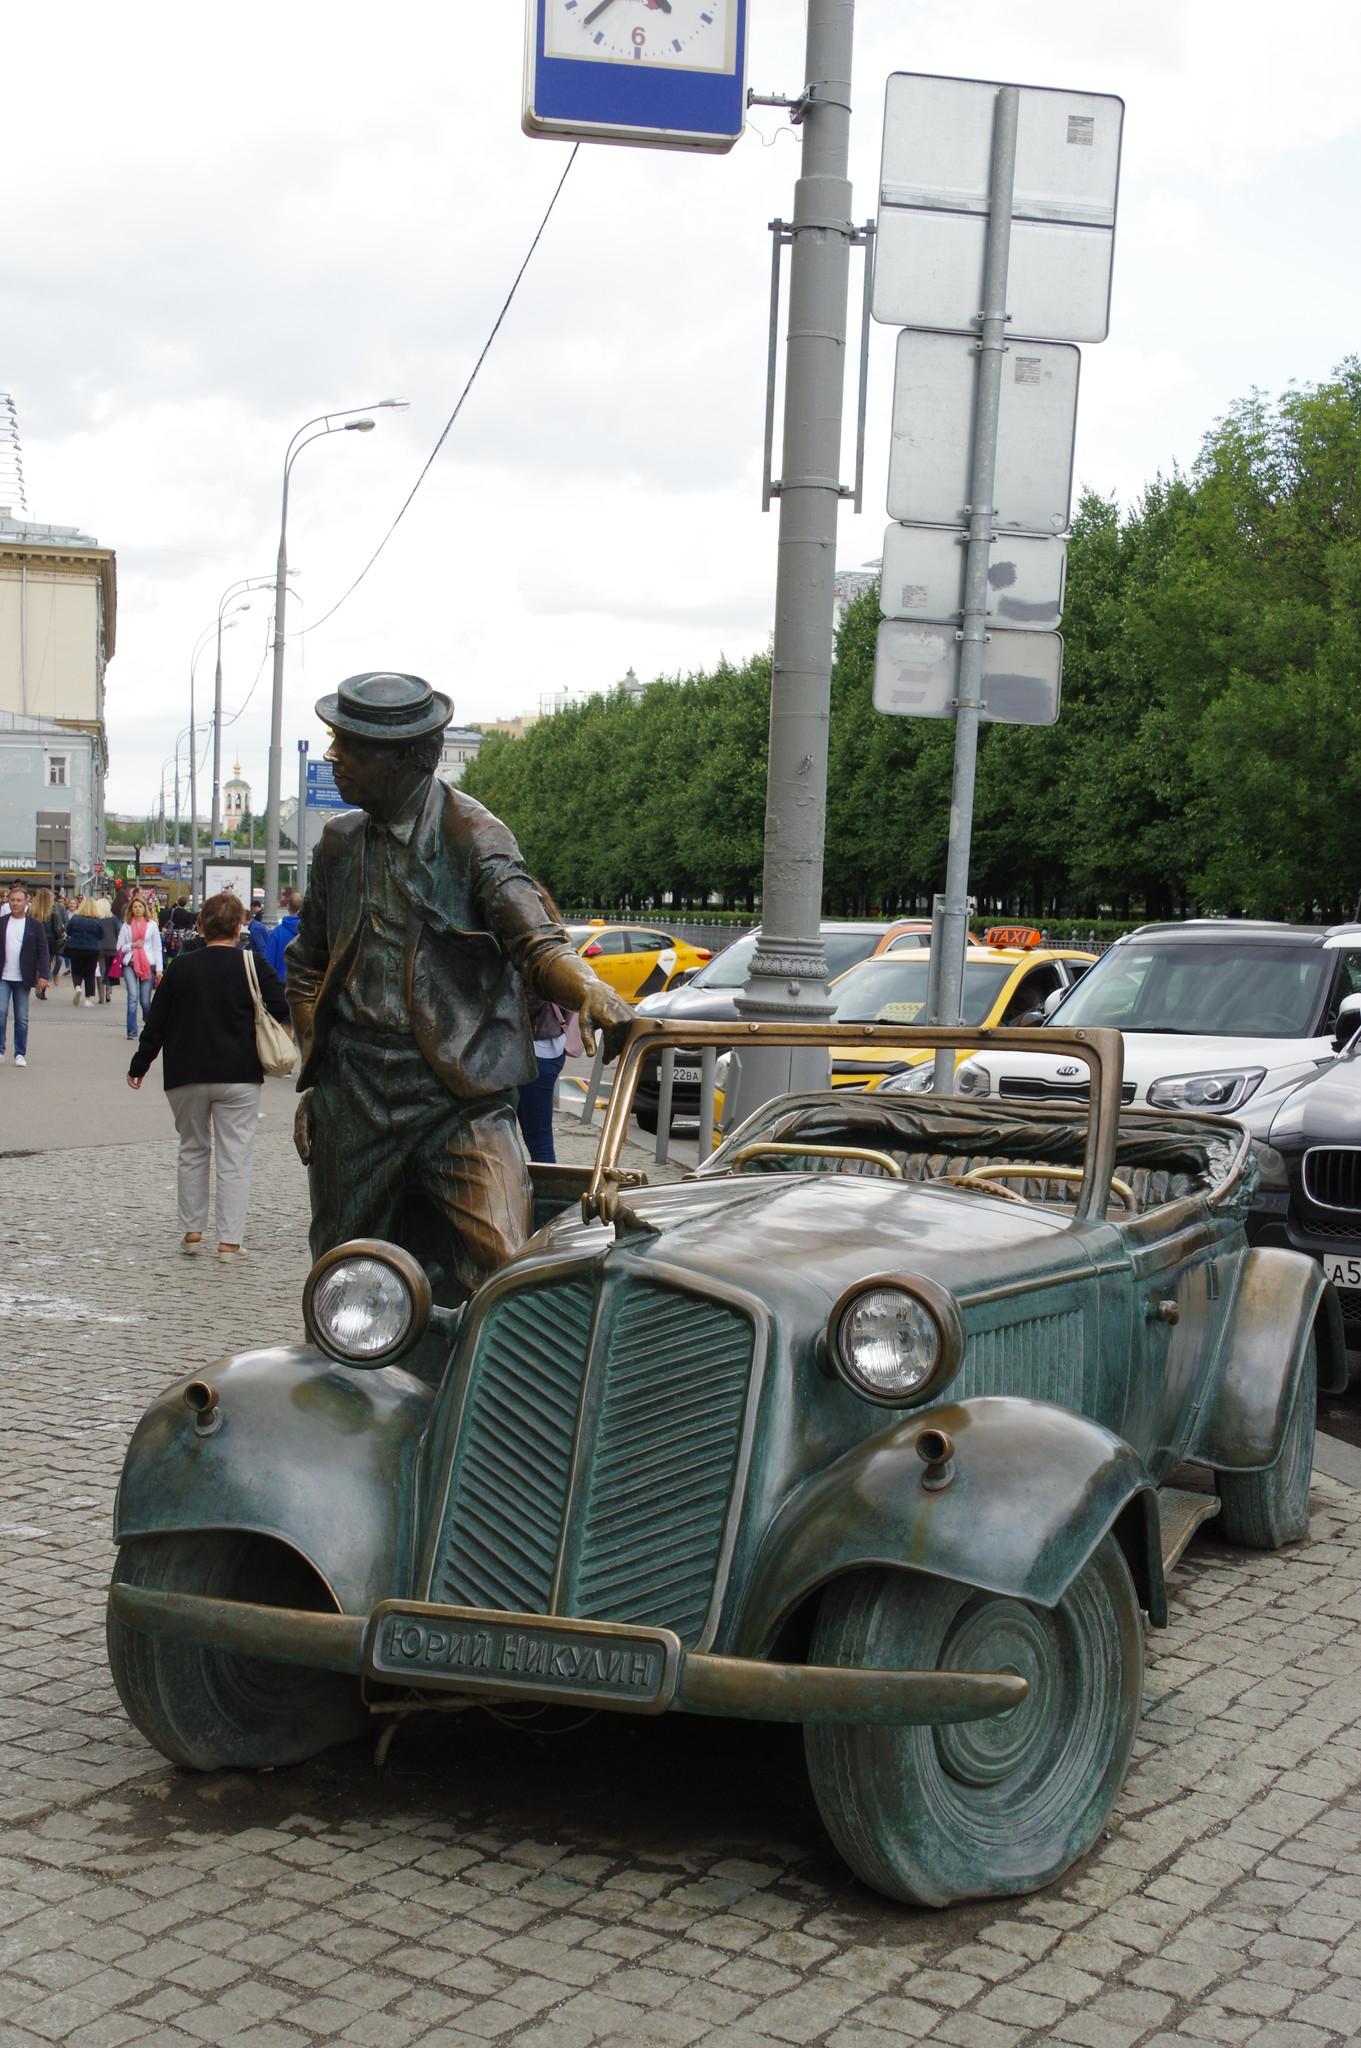 Памятник Народному артисту СССР Юрию Владимировичу Никулину на Цветном бульваре